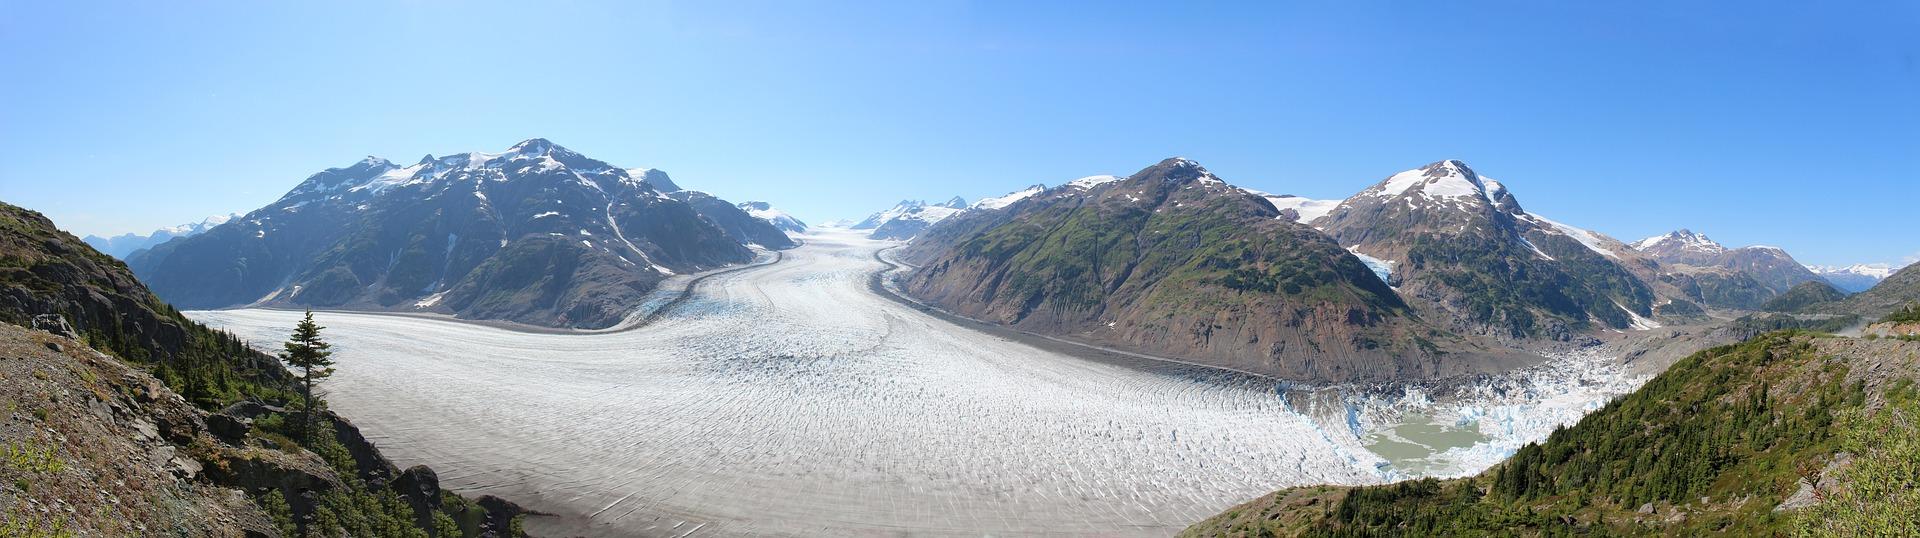 salmon-glacier-1630072_1920